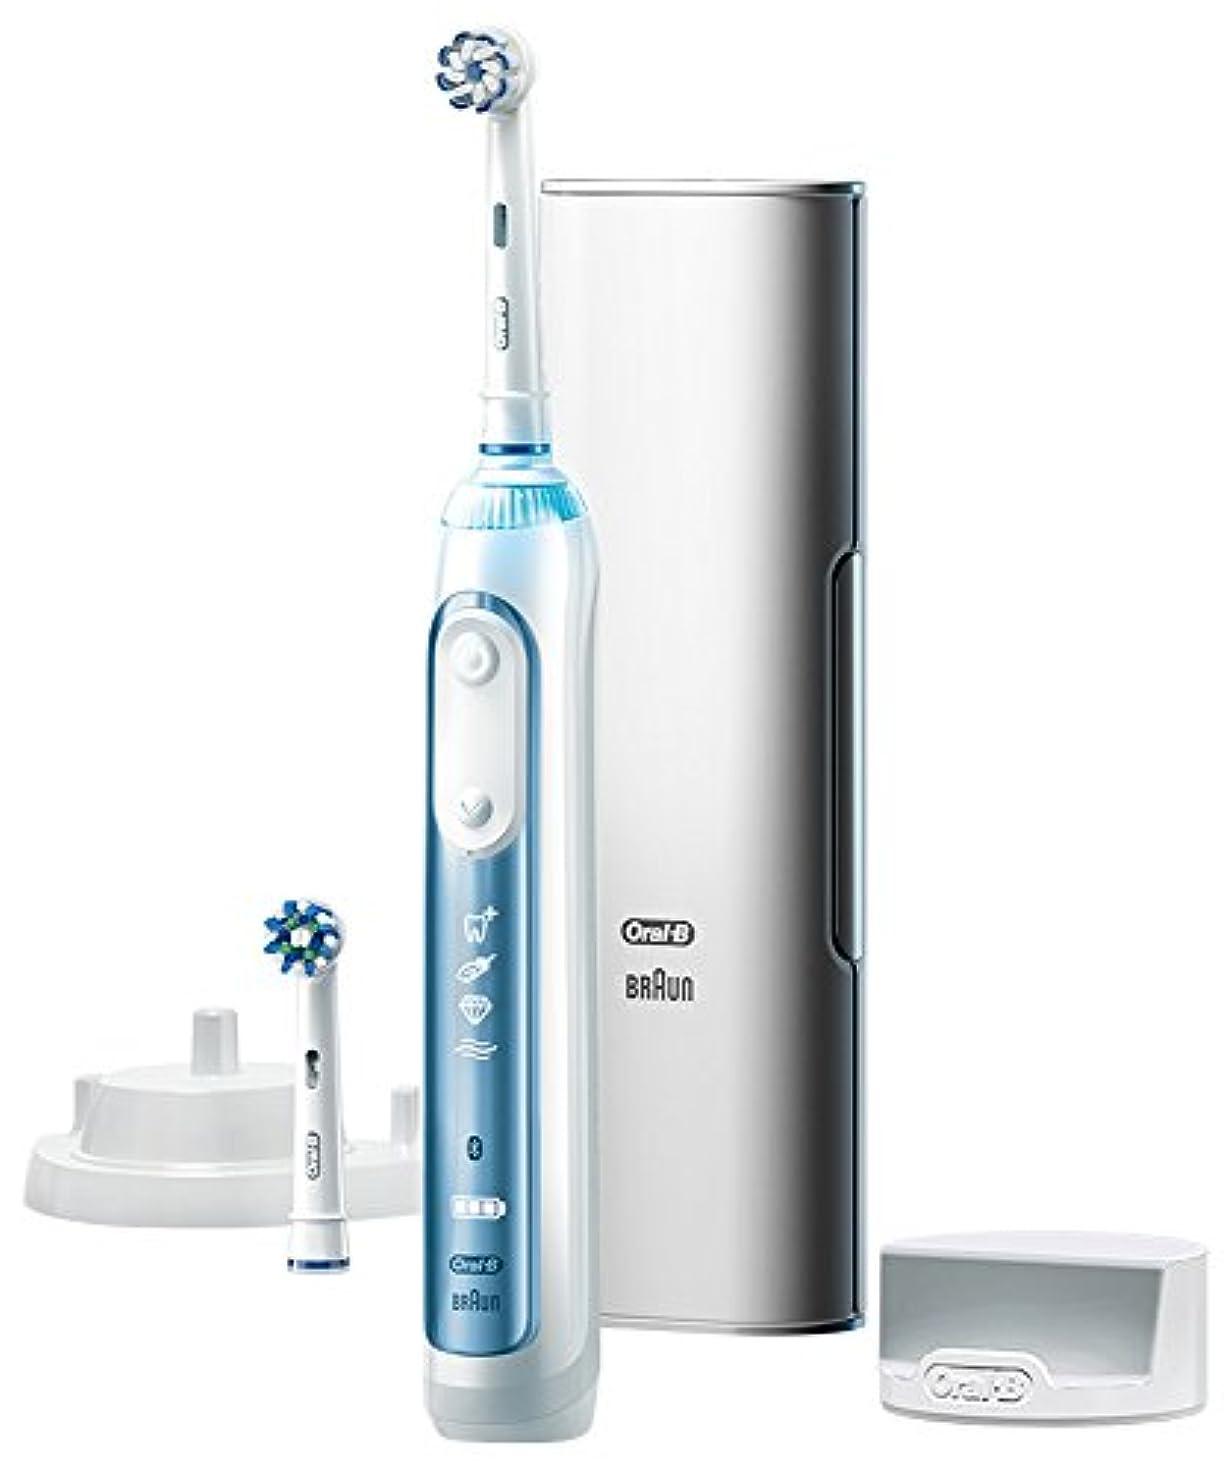 フェードむちゃくちゃ等しいブラウン オーラルB 電動歯ブラシ スマート7000 D7005245XP D7005245XP